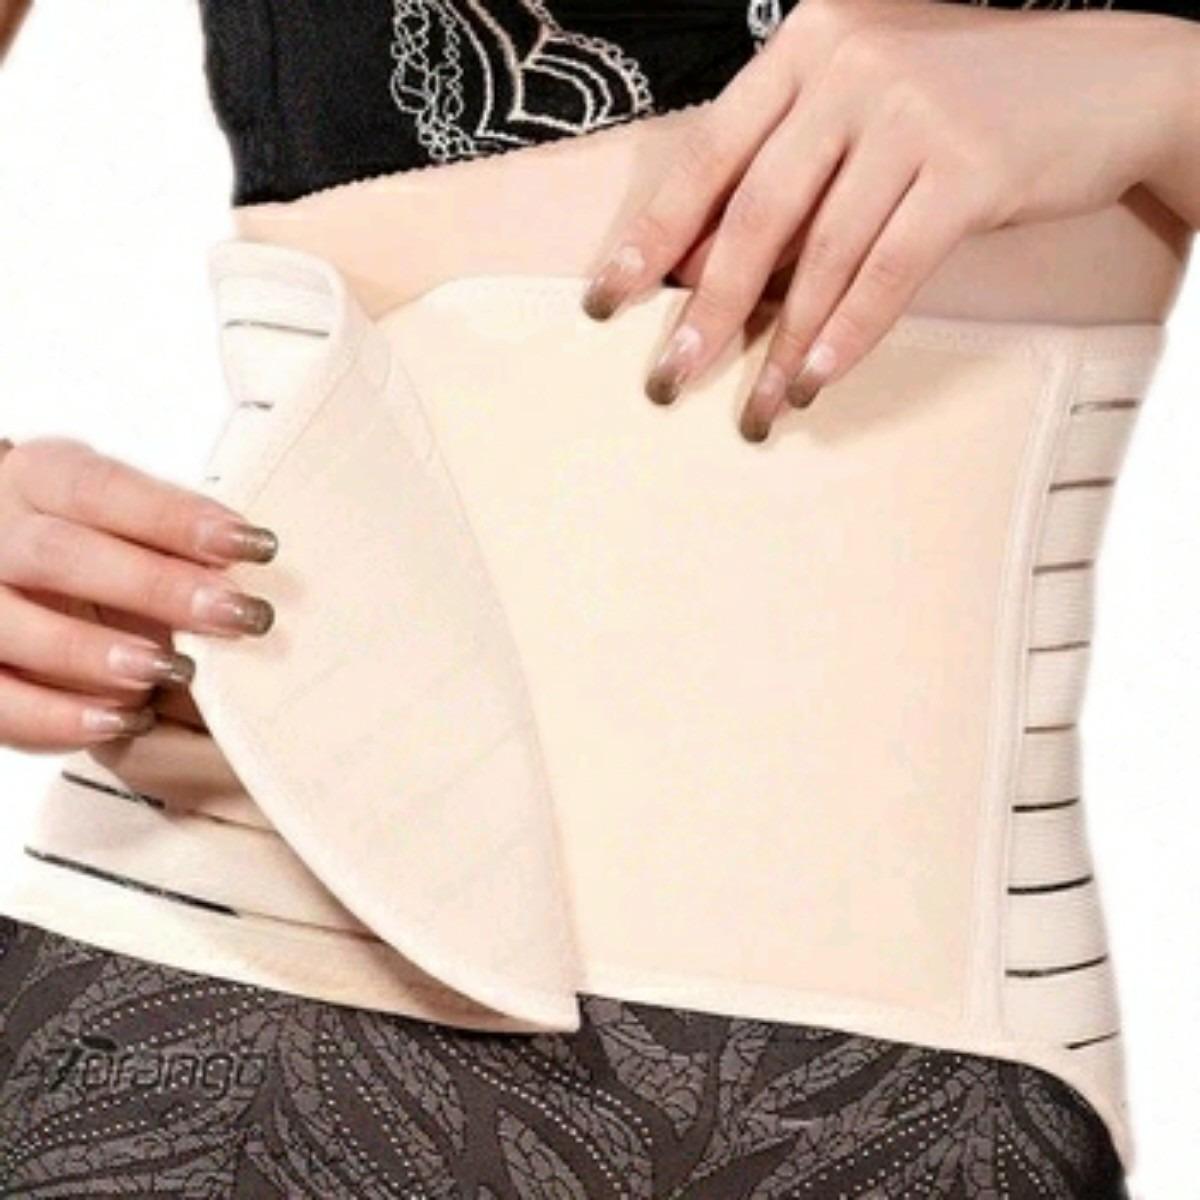 Faixa Modeladora Abdominal Academia Afina Cintura Pós